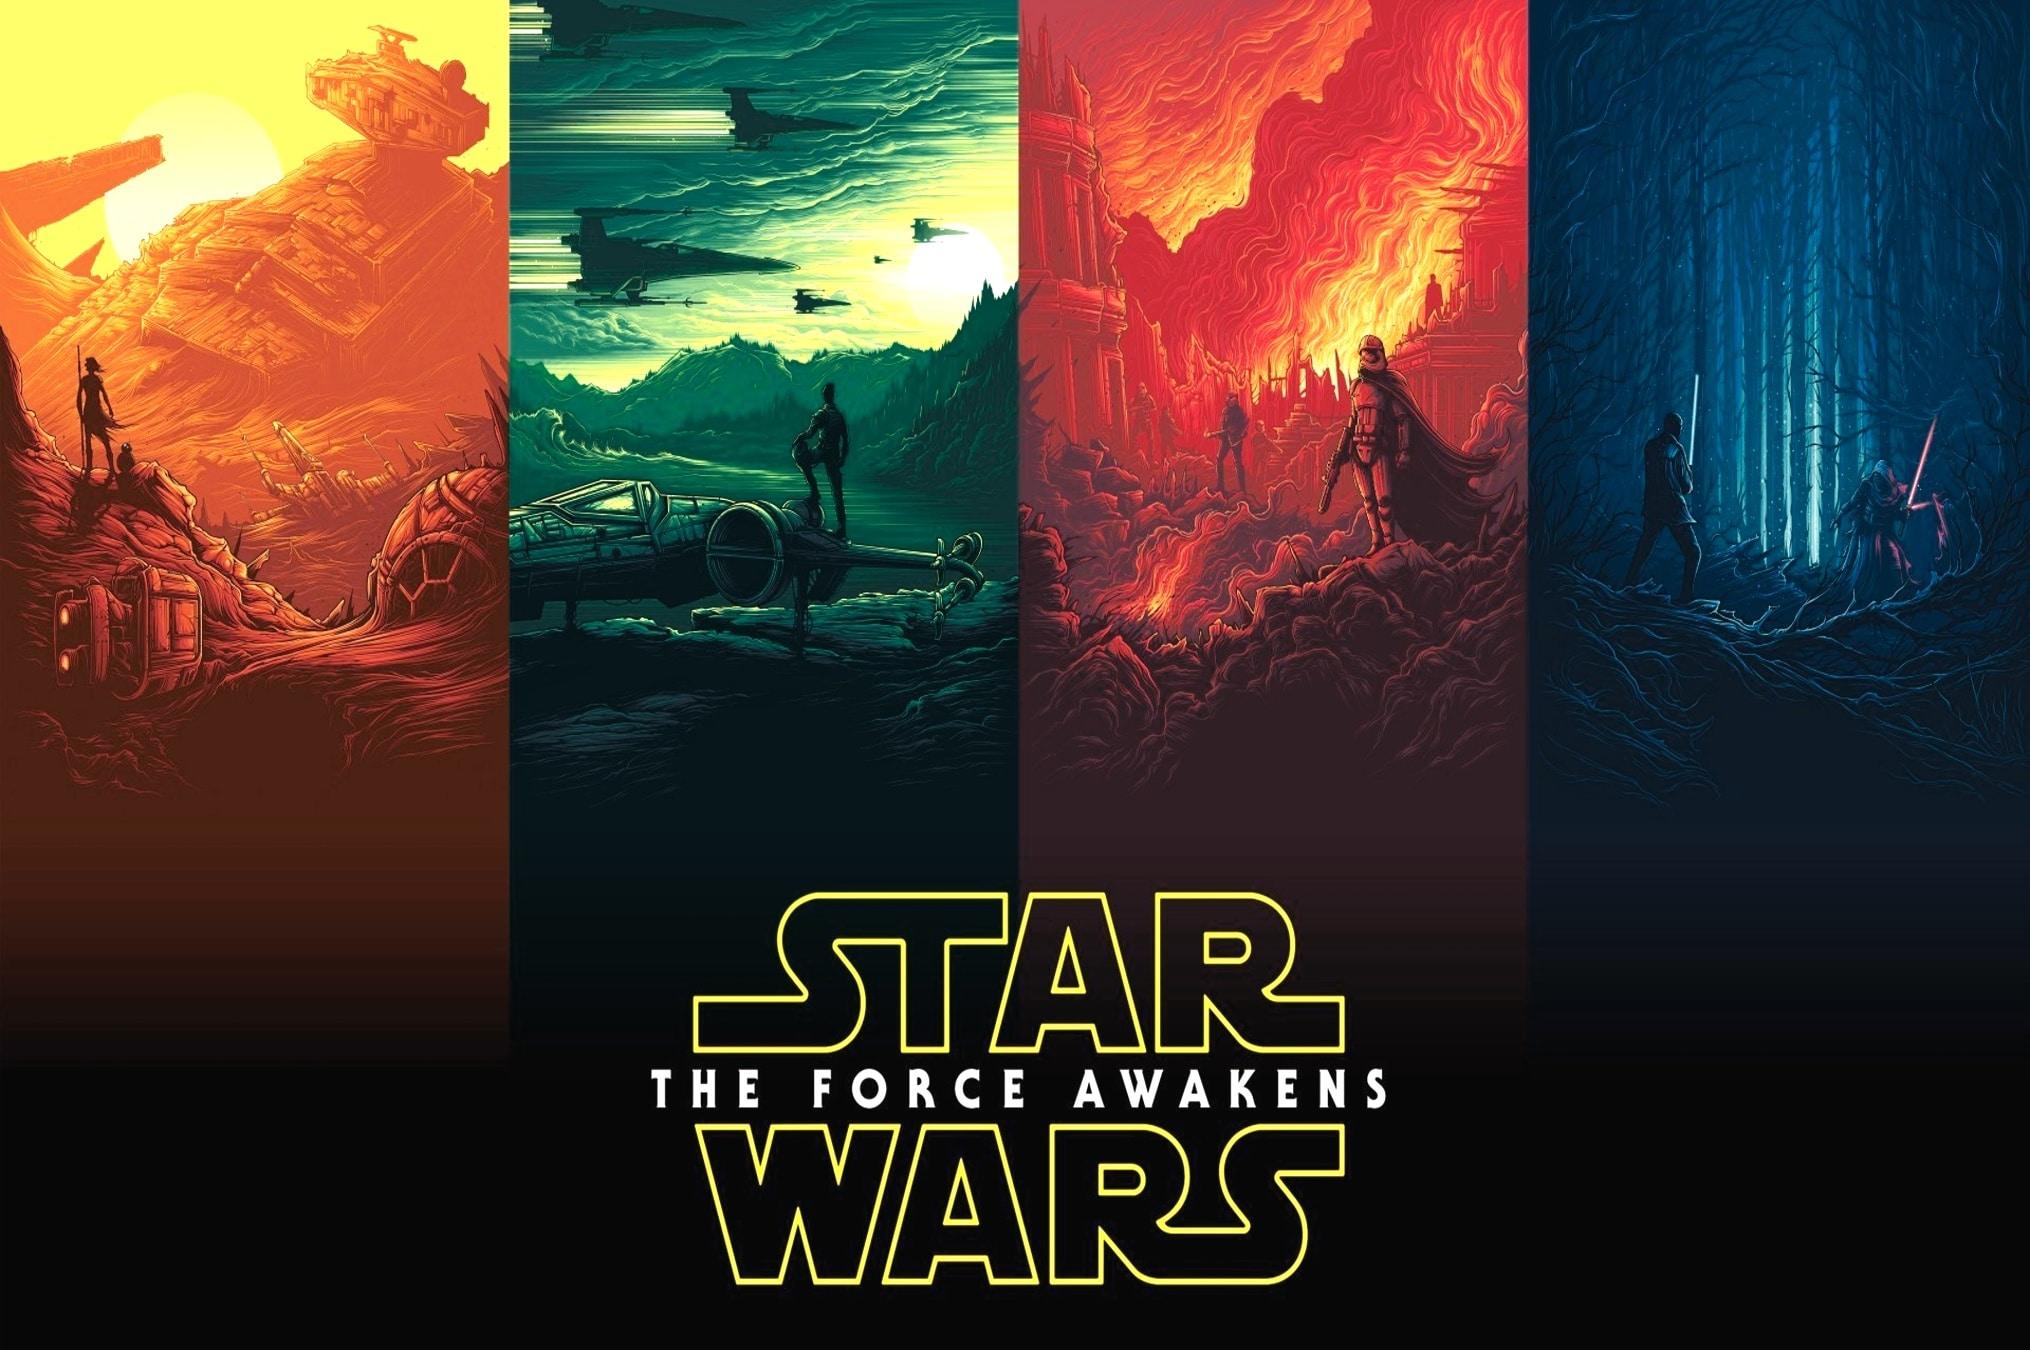 Star Wars Wallpaper 4k Ultra HD Free Download Wallpapersly